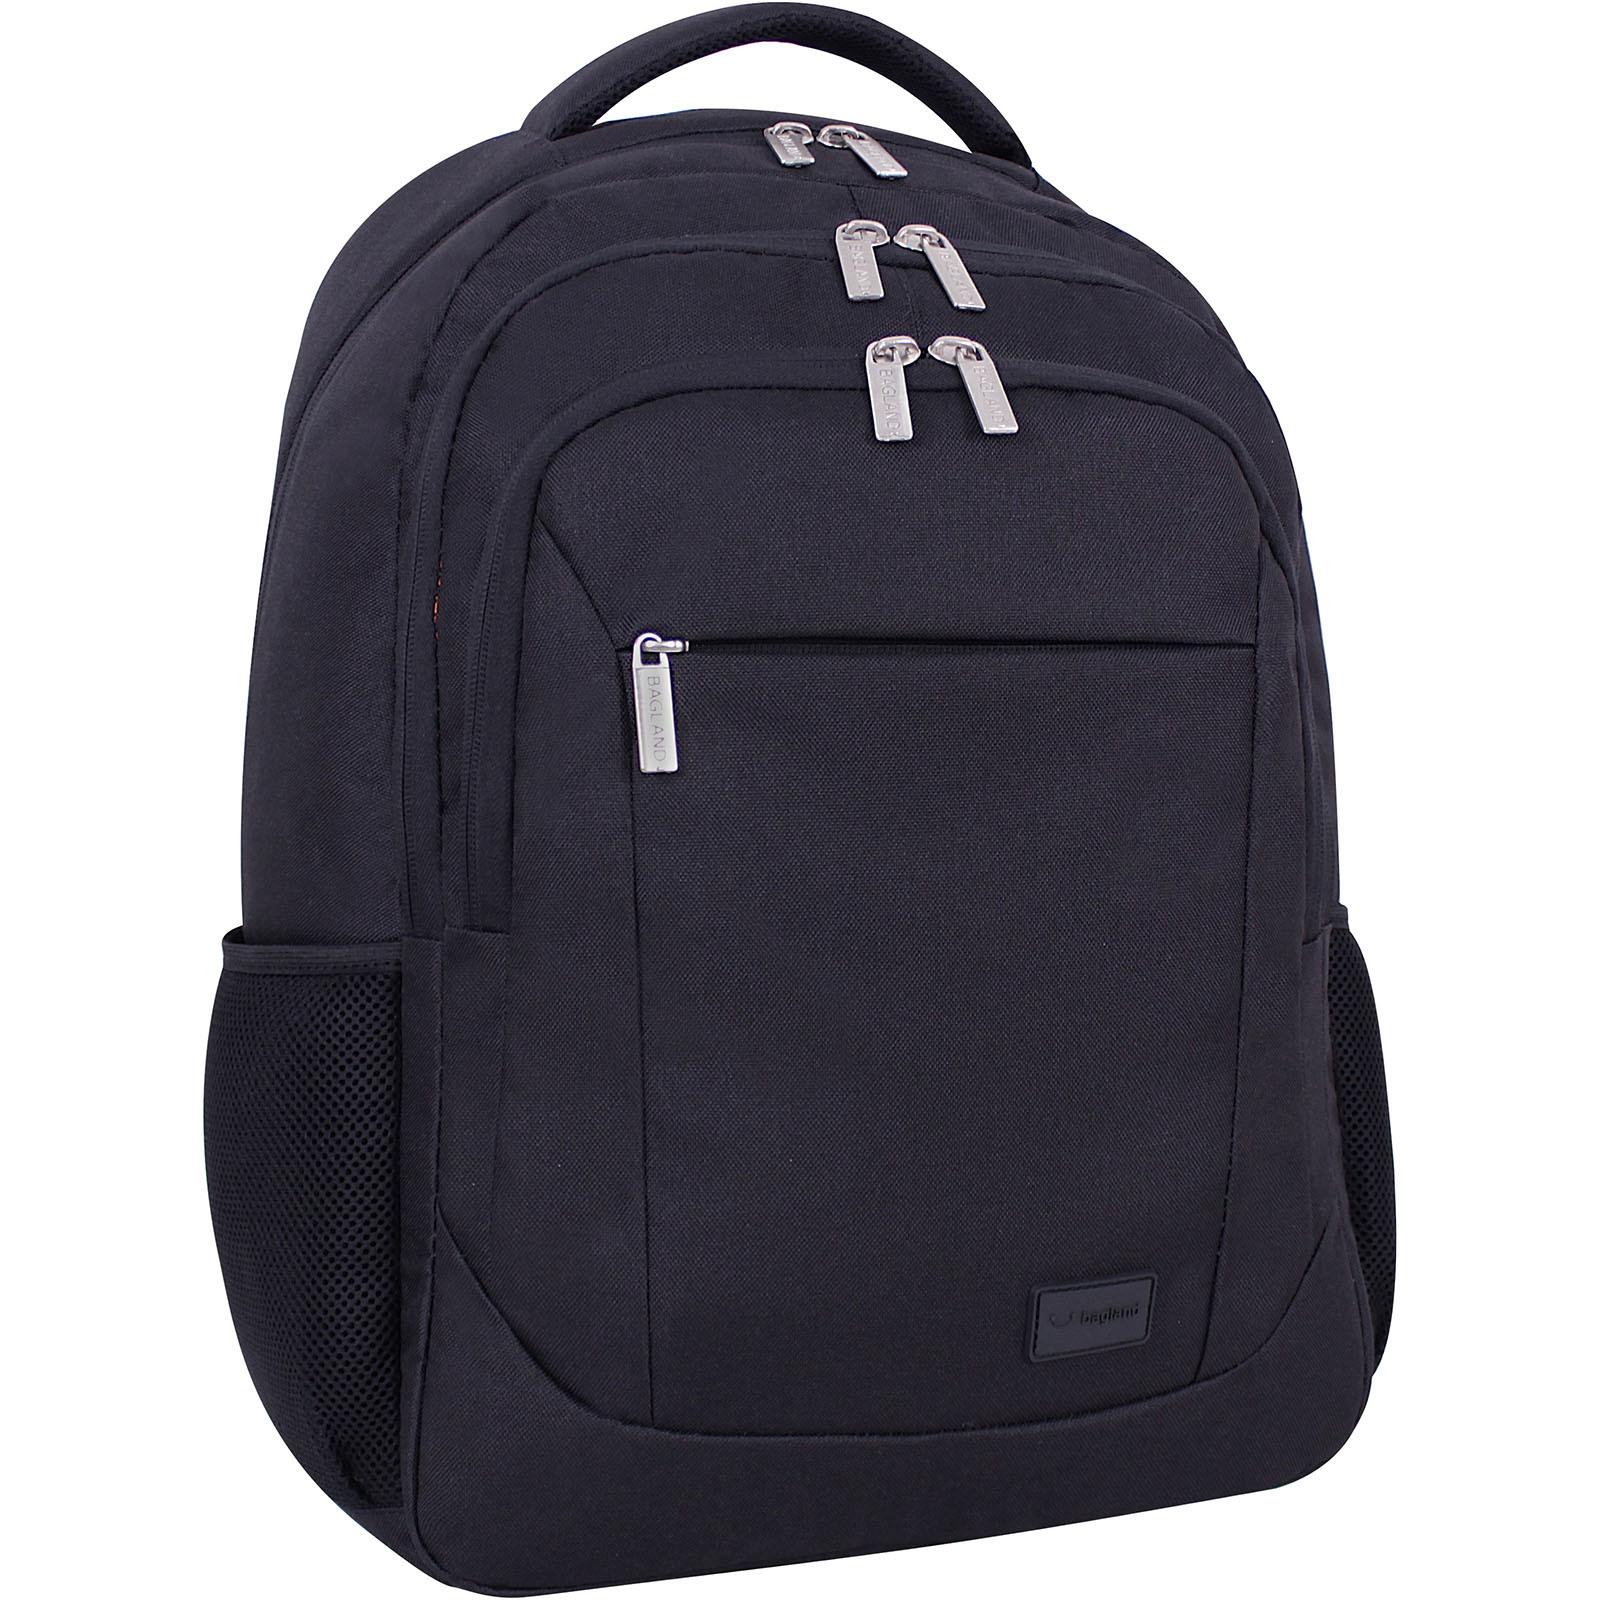 Городские рюкзаки Рюкзак Bagland Hector 32 л. Чёрный (0012666) IMG_9950.JPG